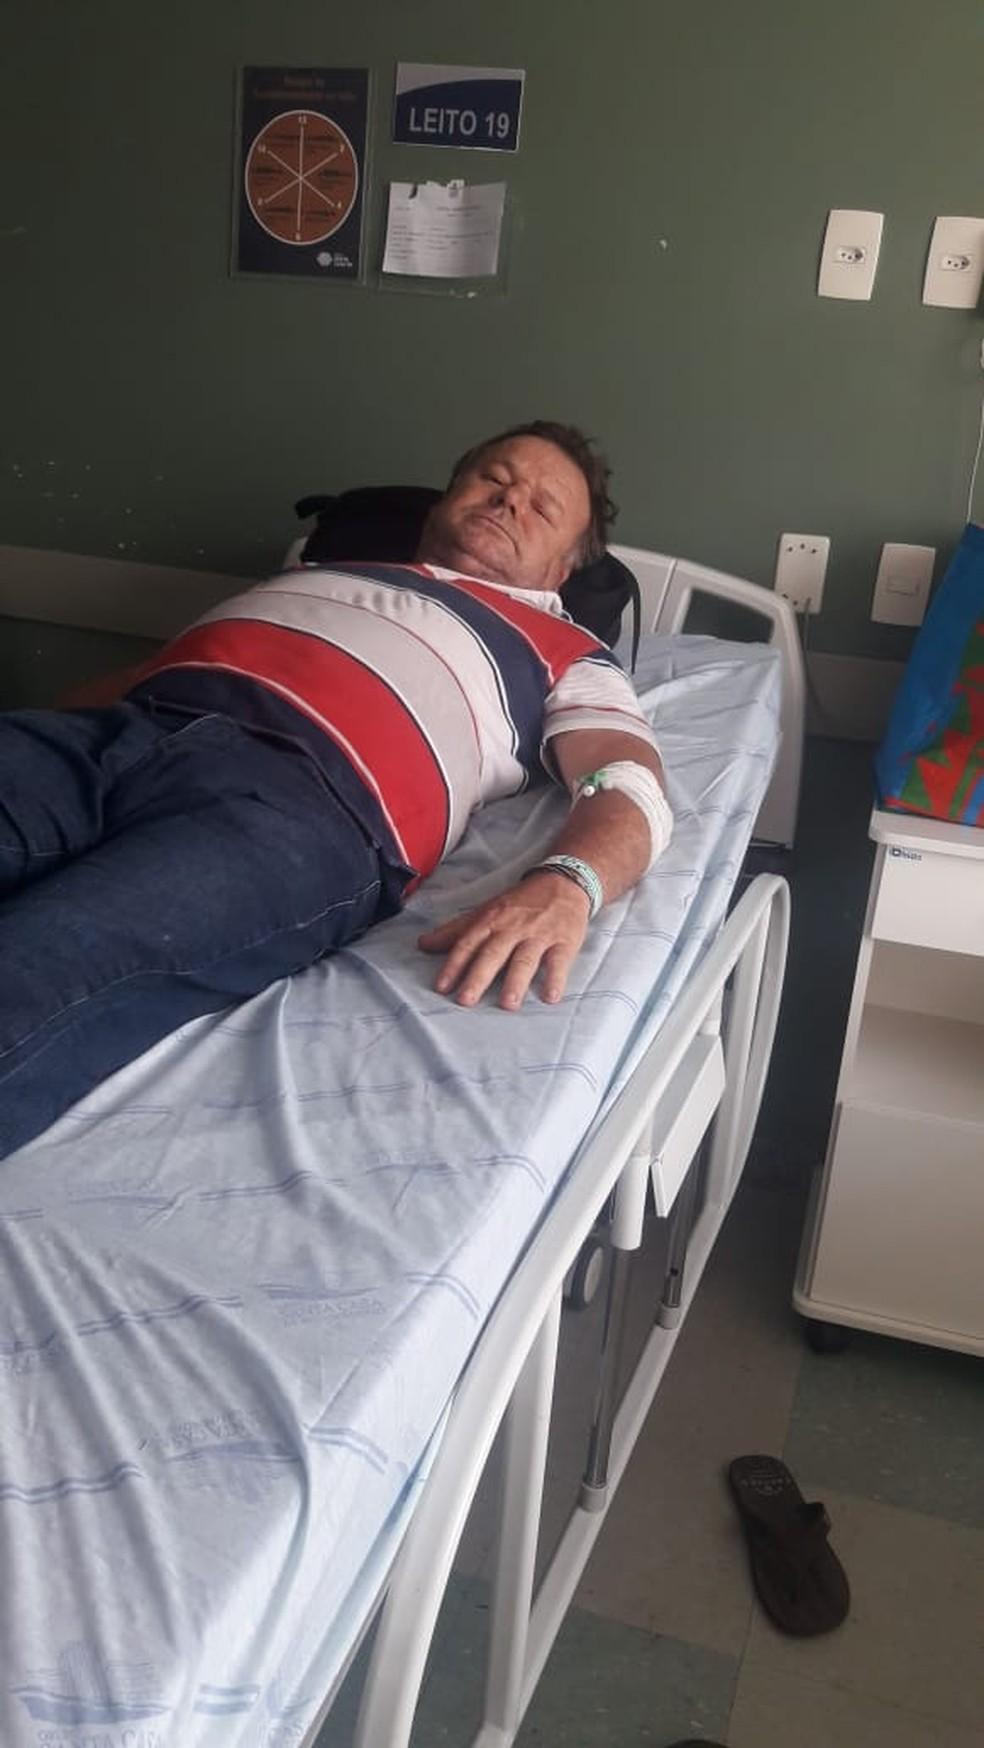 Josias Moreira de Matos ficou internado após consumir cerveja da Backer — Foto: Dayane Hulda Bernardes de Matos/Arquivo Pessoal